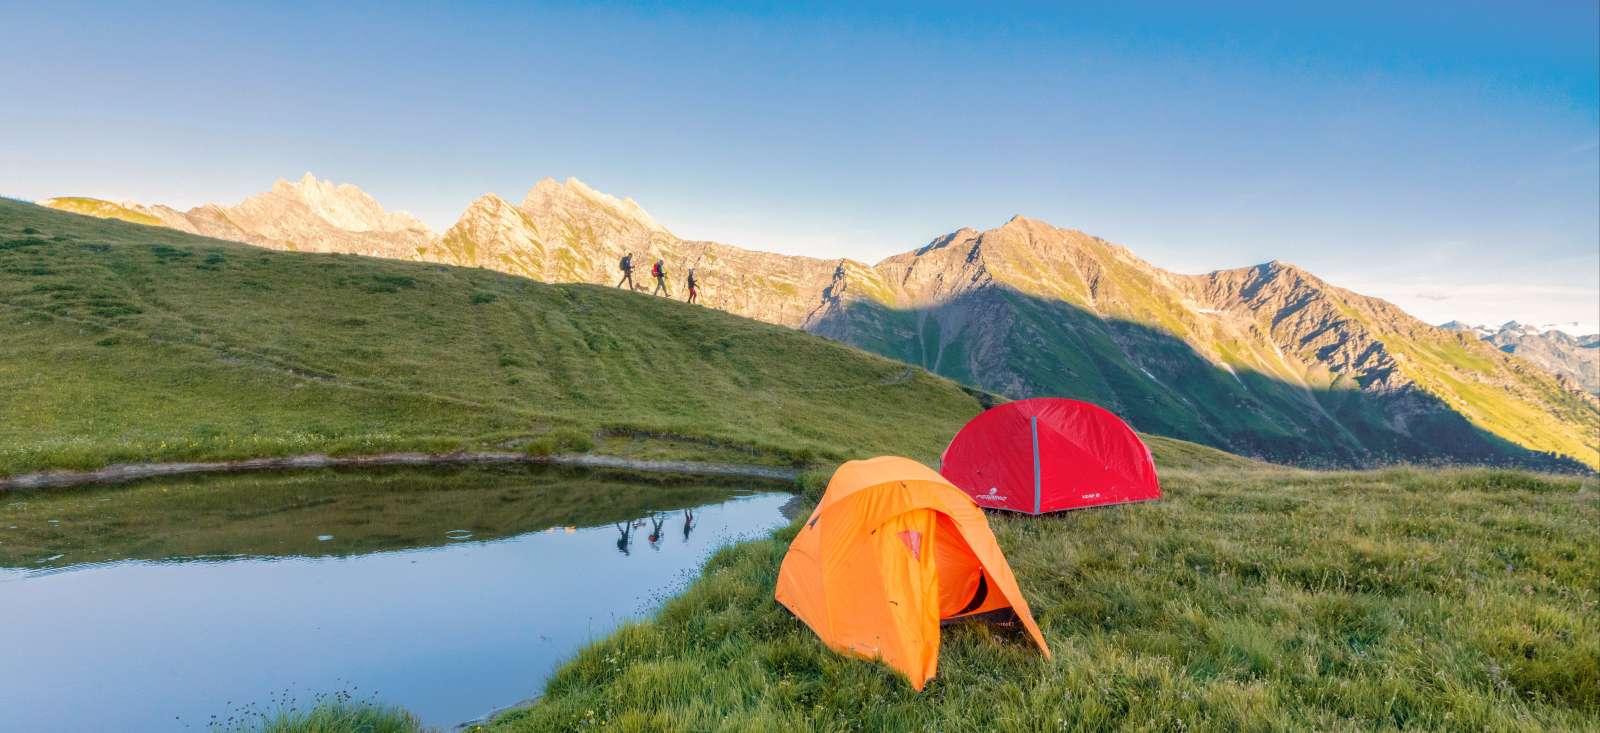 Voyage à pied : Le tour du Mont Blanc (en bivouac)